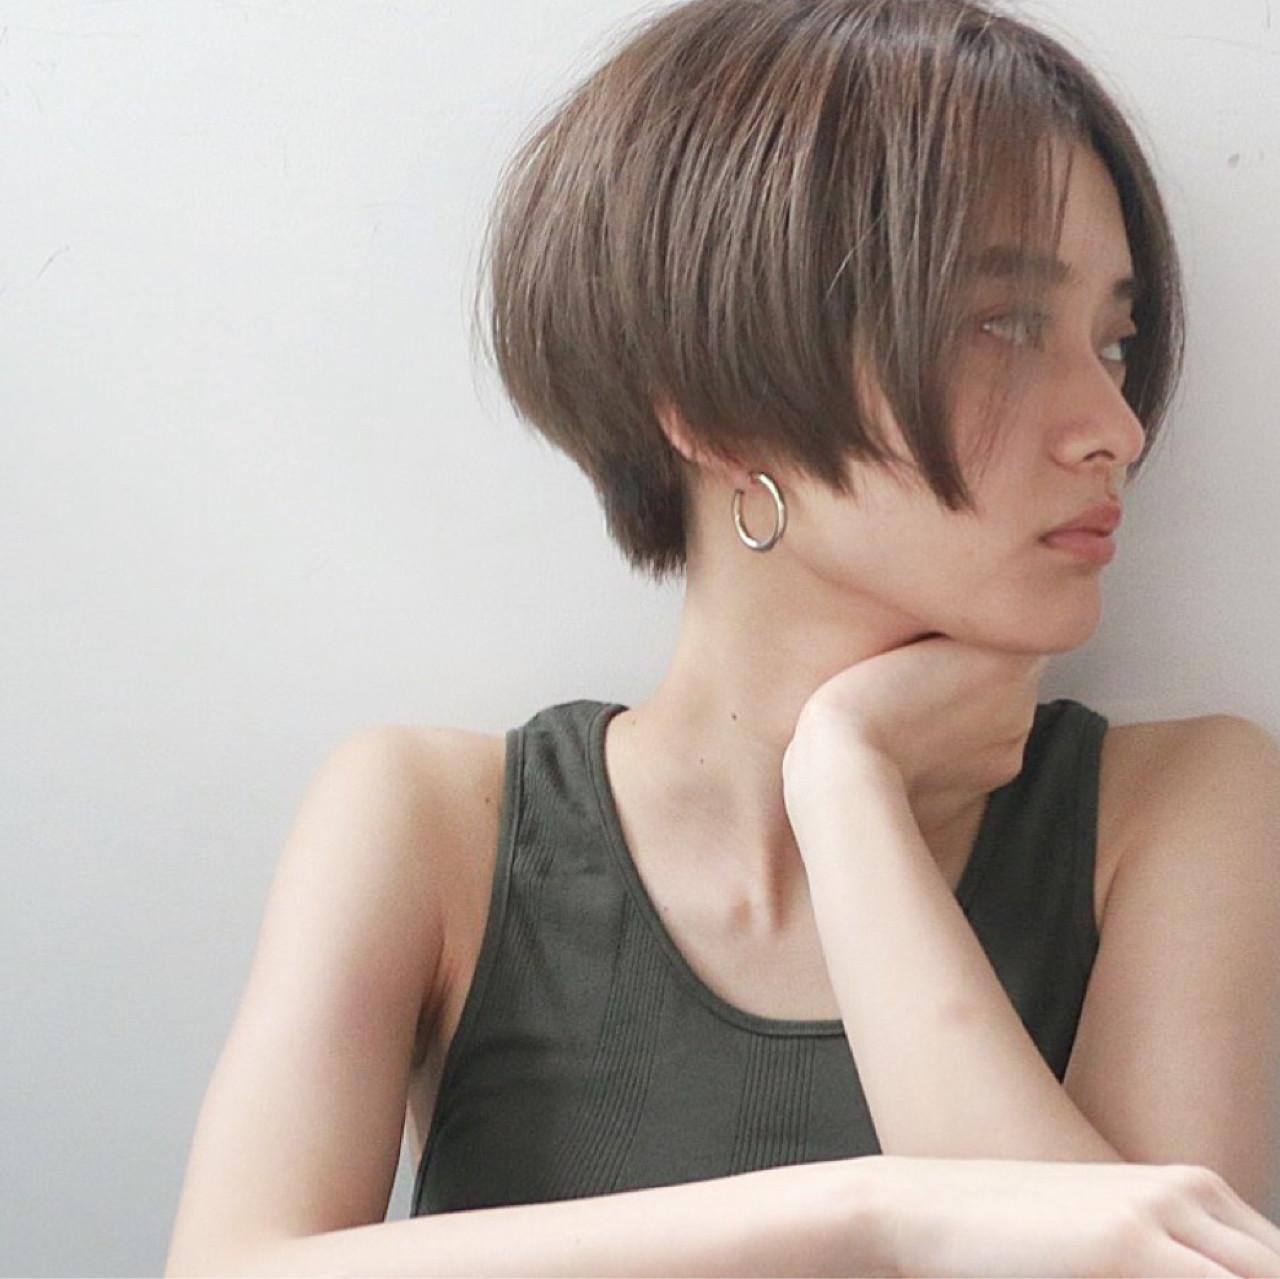 女性ならではのかっこいい髪型は\u201c色っぽさ\u201dだったんです♡